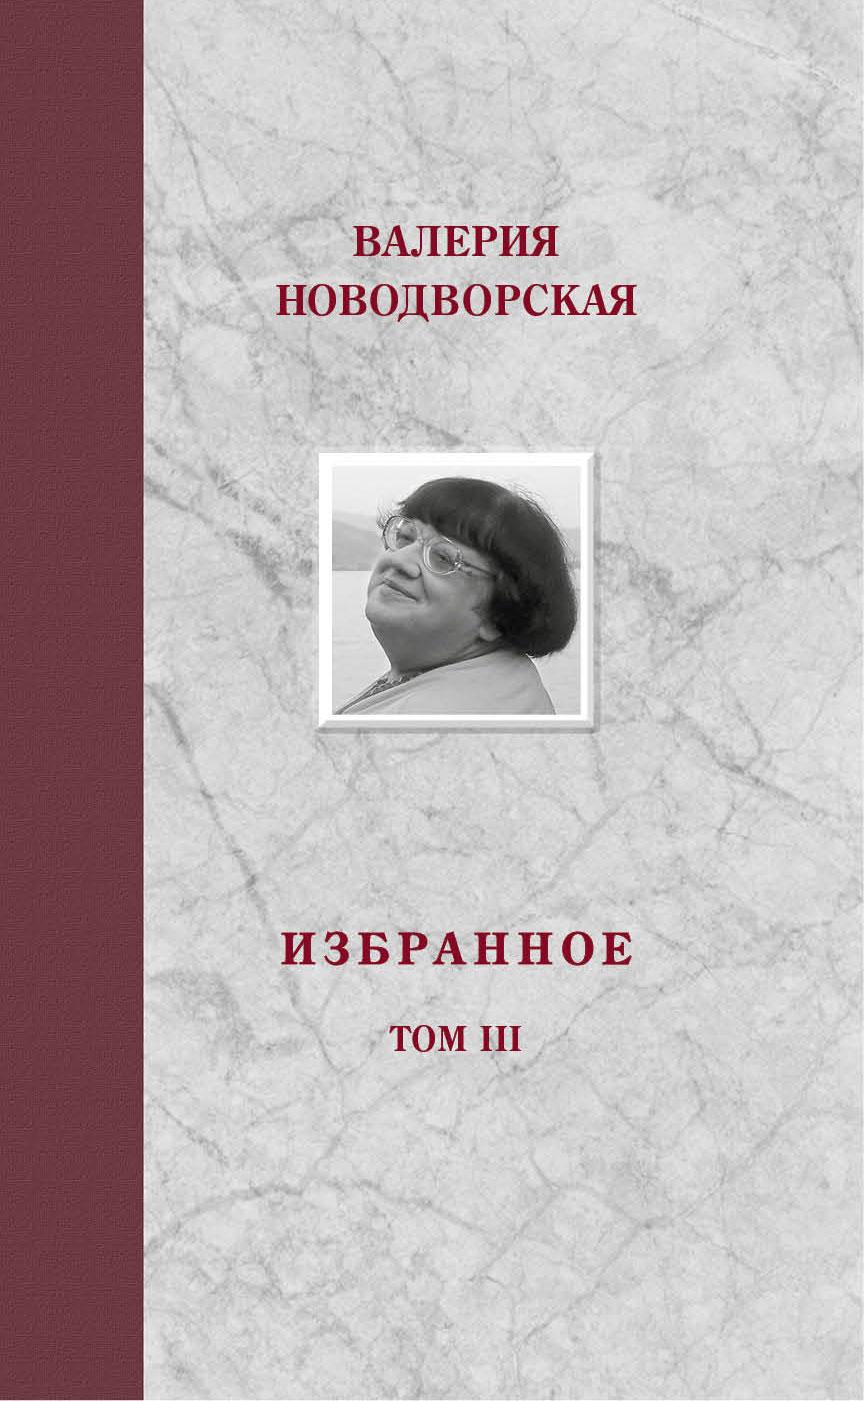 Валерия Новодворская. Избранное в 3 томах (комплект), Валерия Новодворская